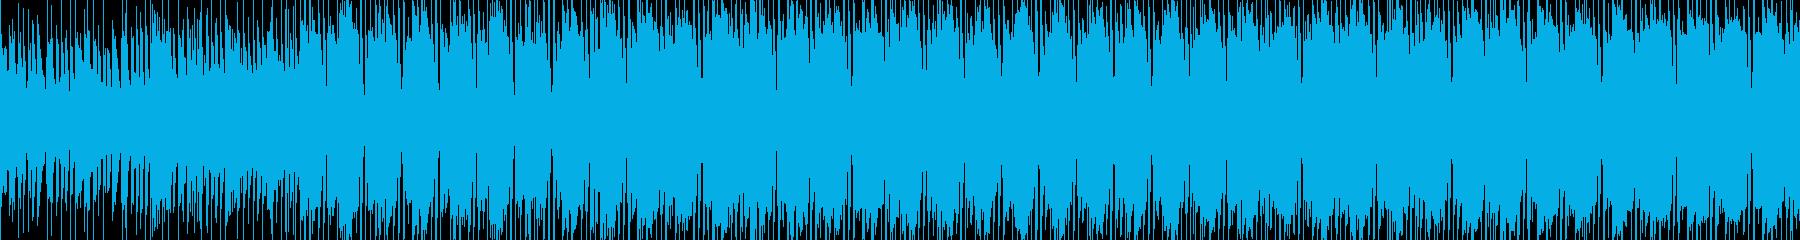 洋楽、無機質なElectronicの再生済みの波形